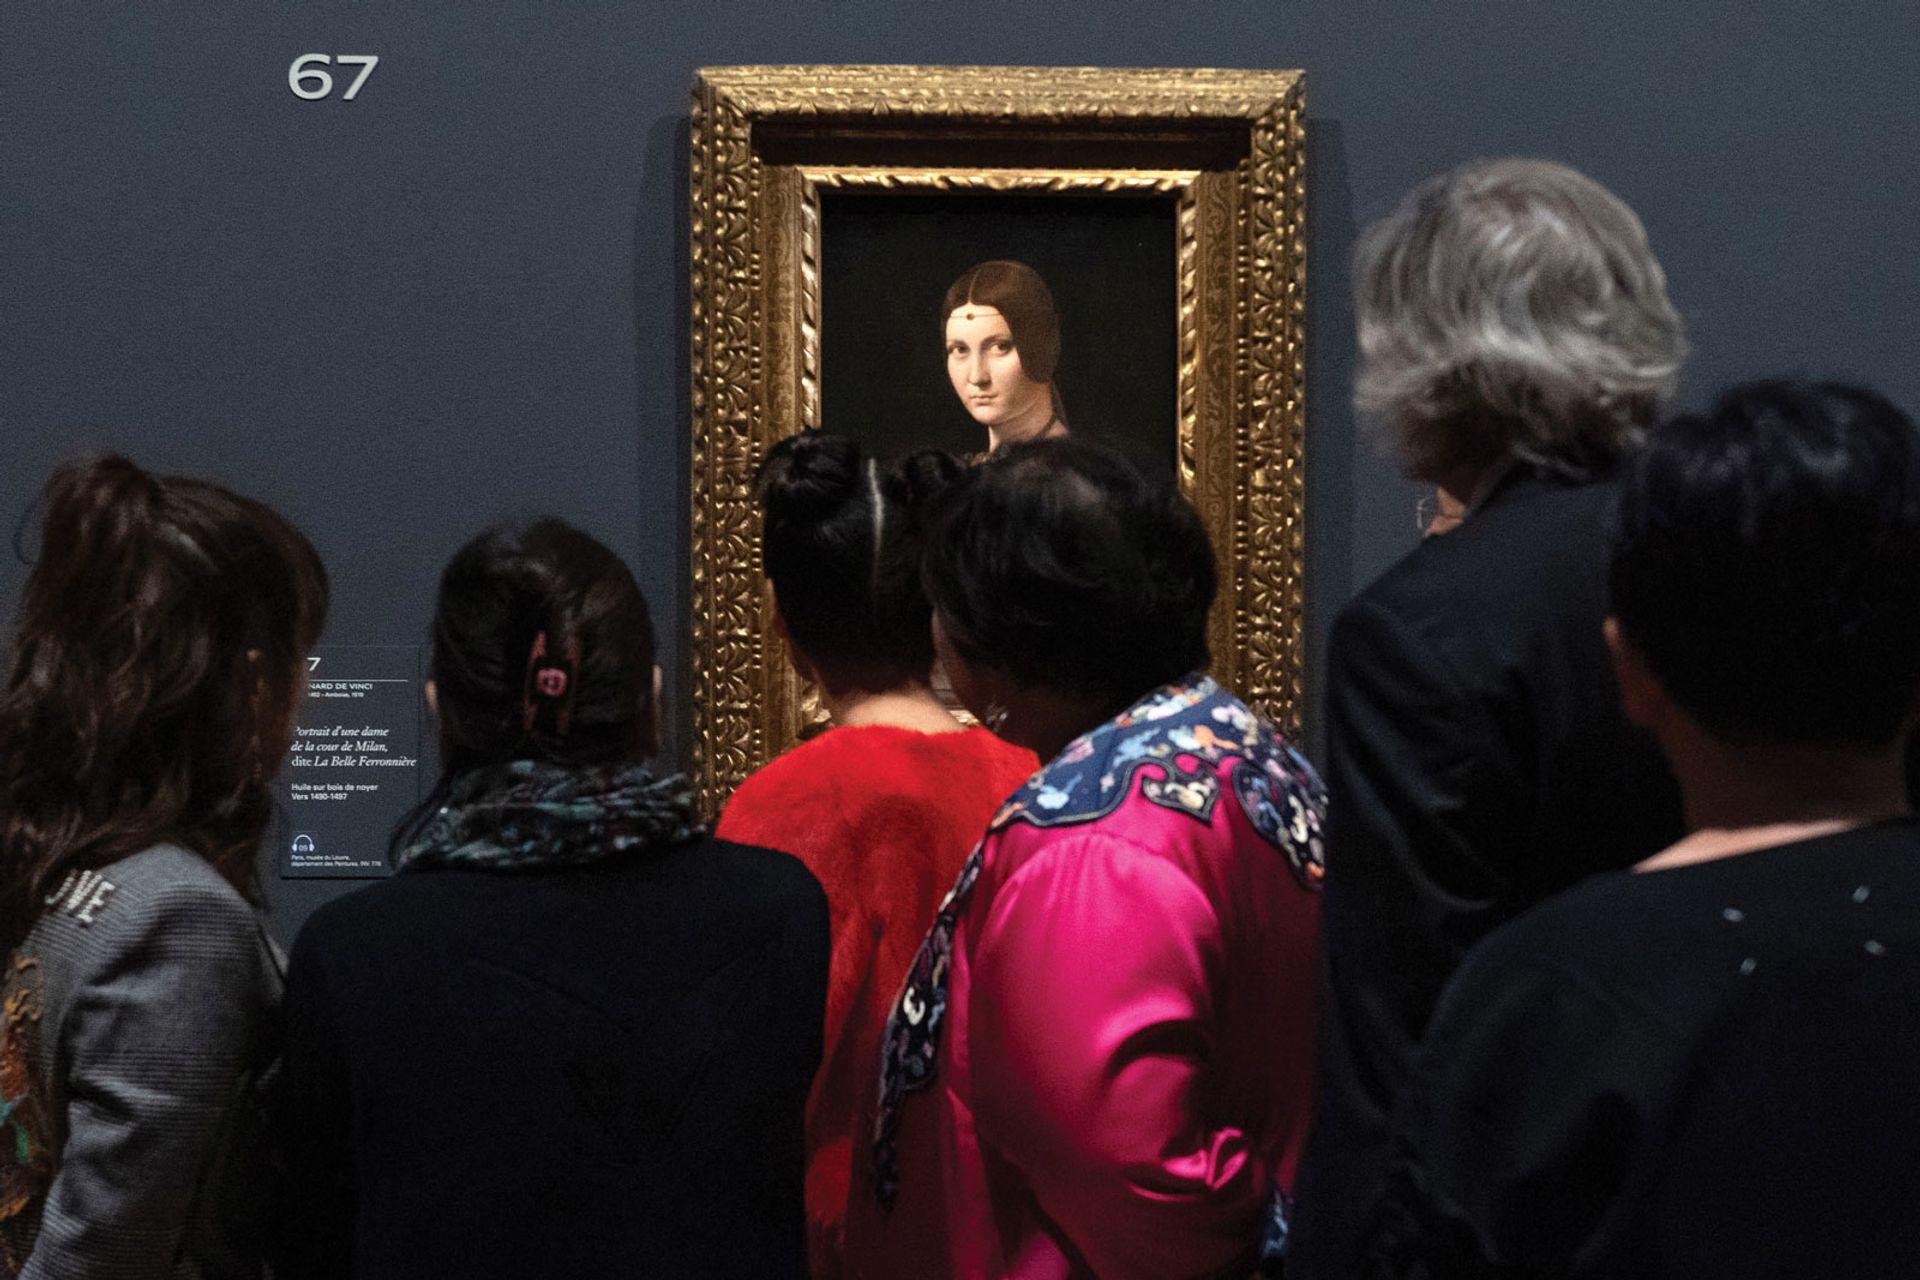 Visitors admire La Belle Ferronnière at the Louvre show Photo: Aurore Marechal/ABACA/PA Images